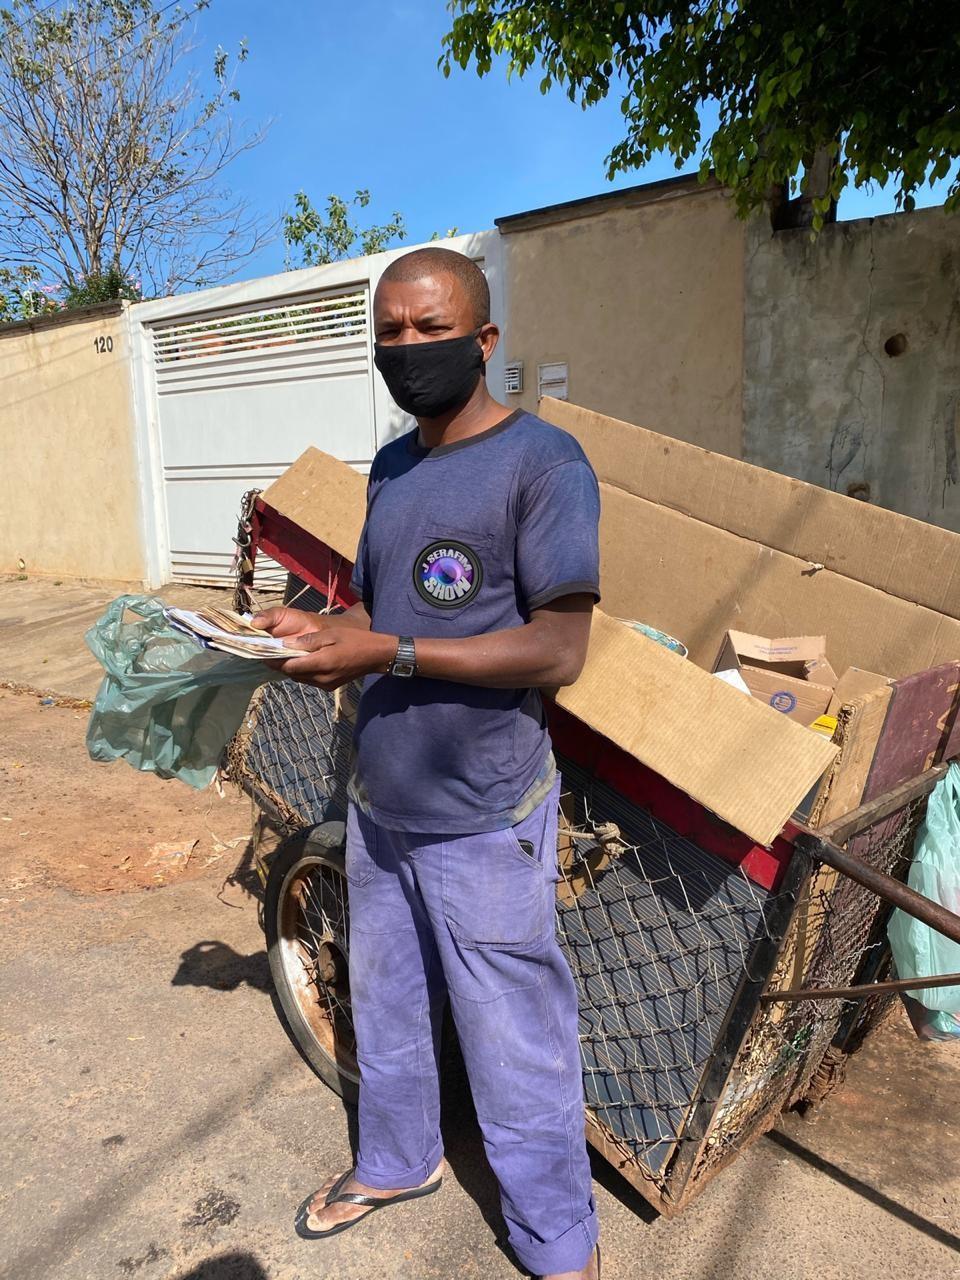 Catador de recicláveis acha R$ 800 no lixo e devolve para família: